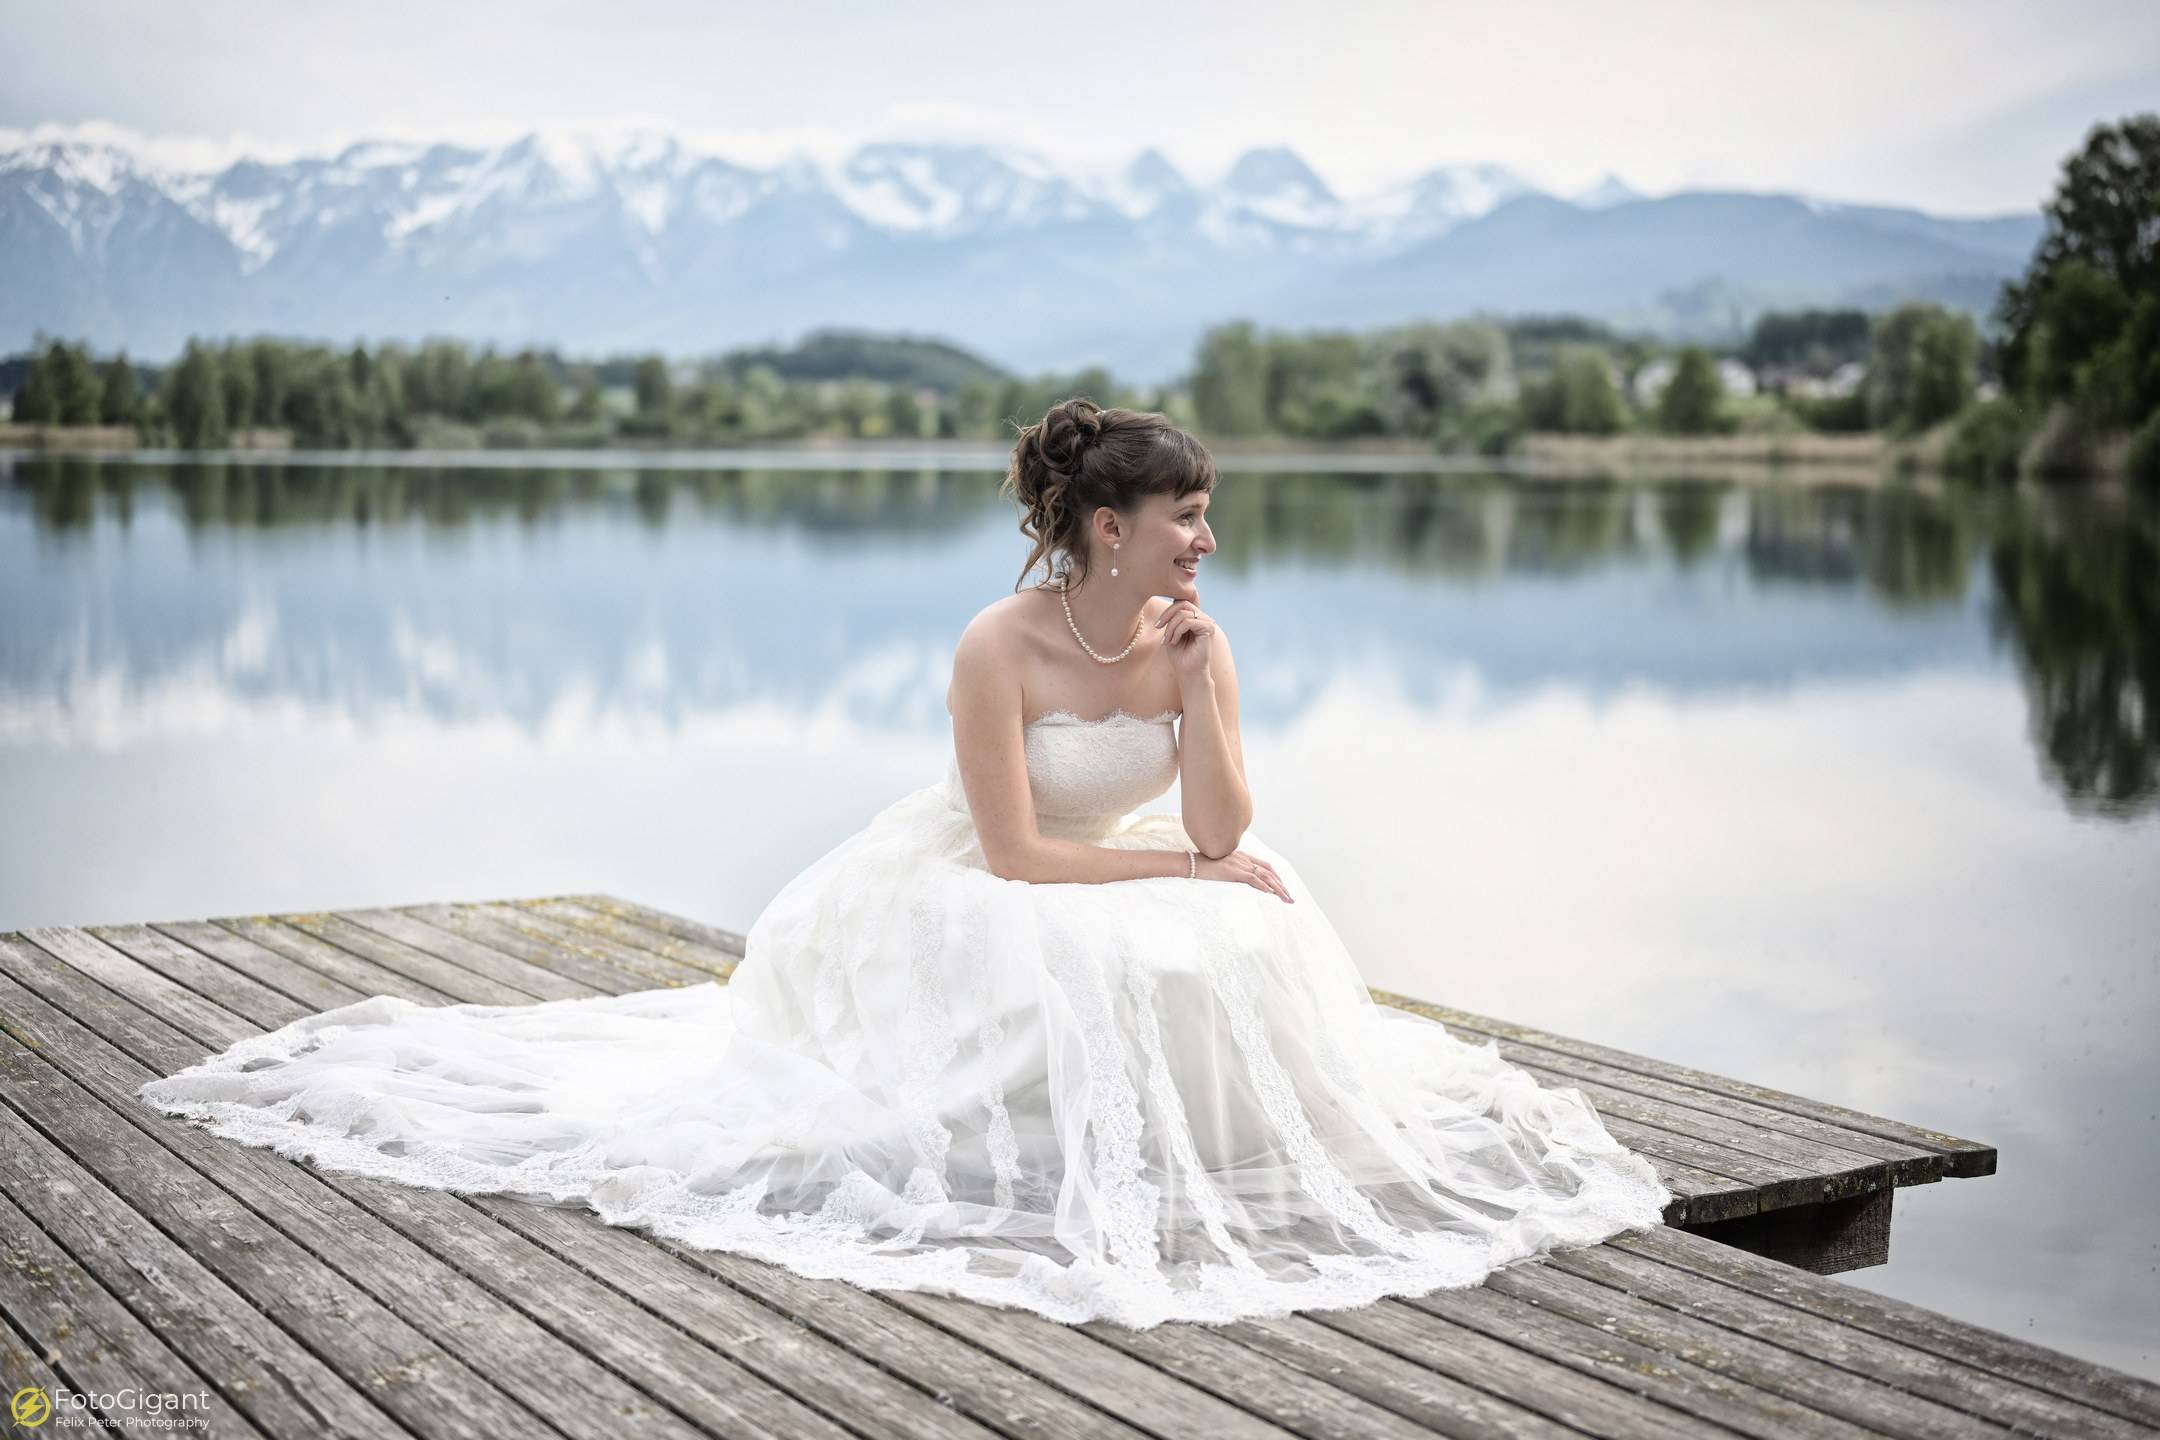 Hochzeitsfotograf_Gerzensee_21.jpg